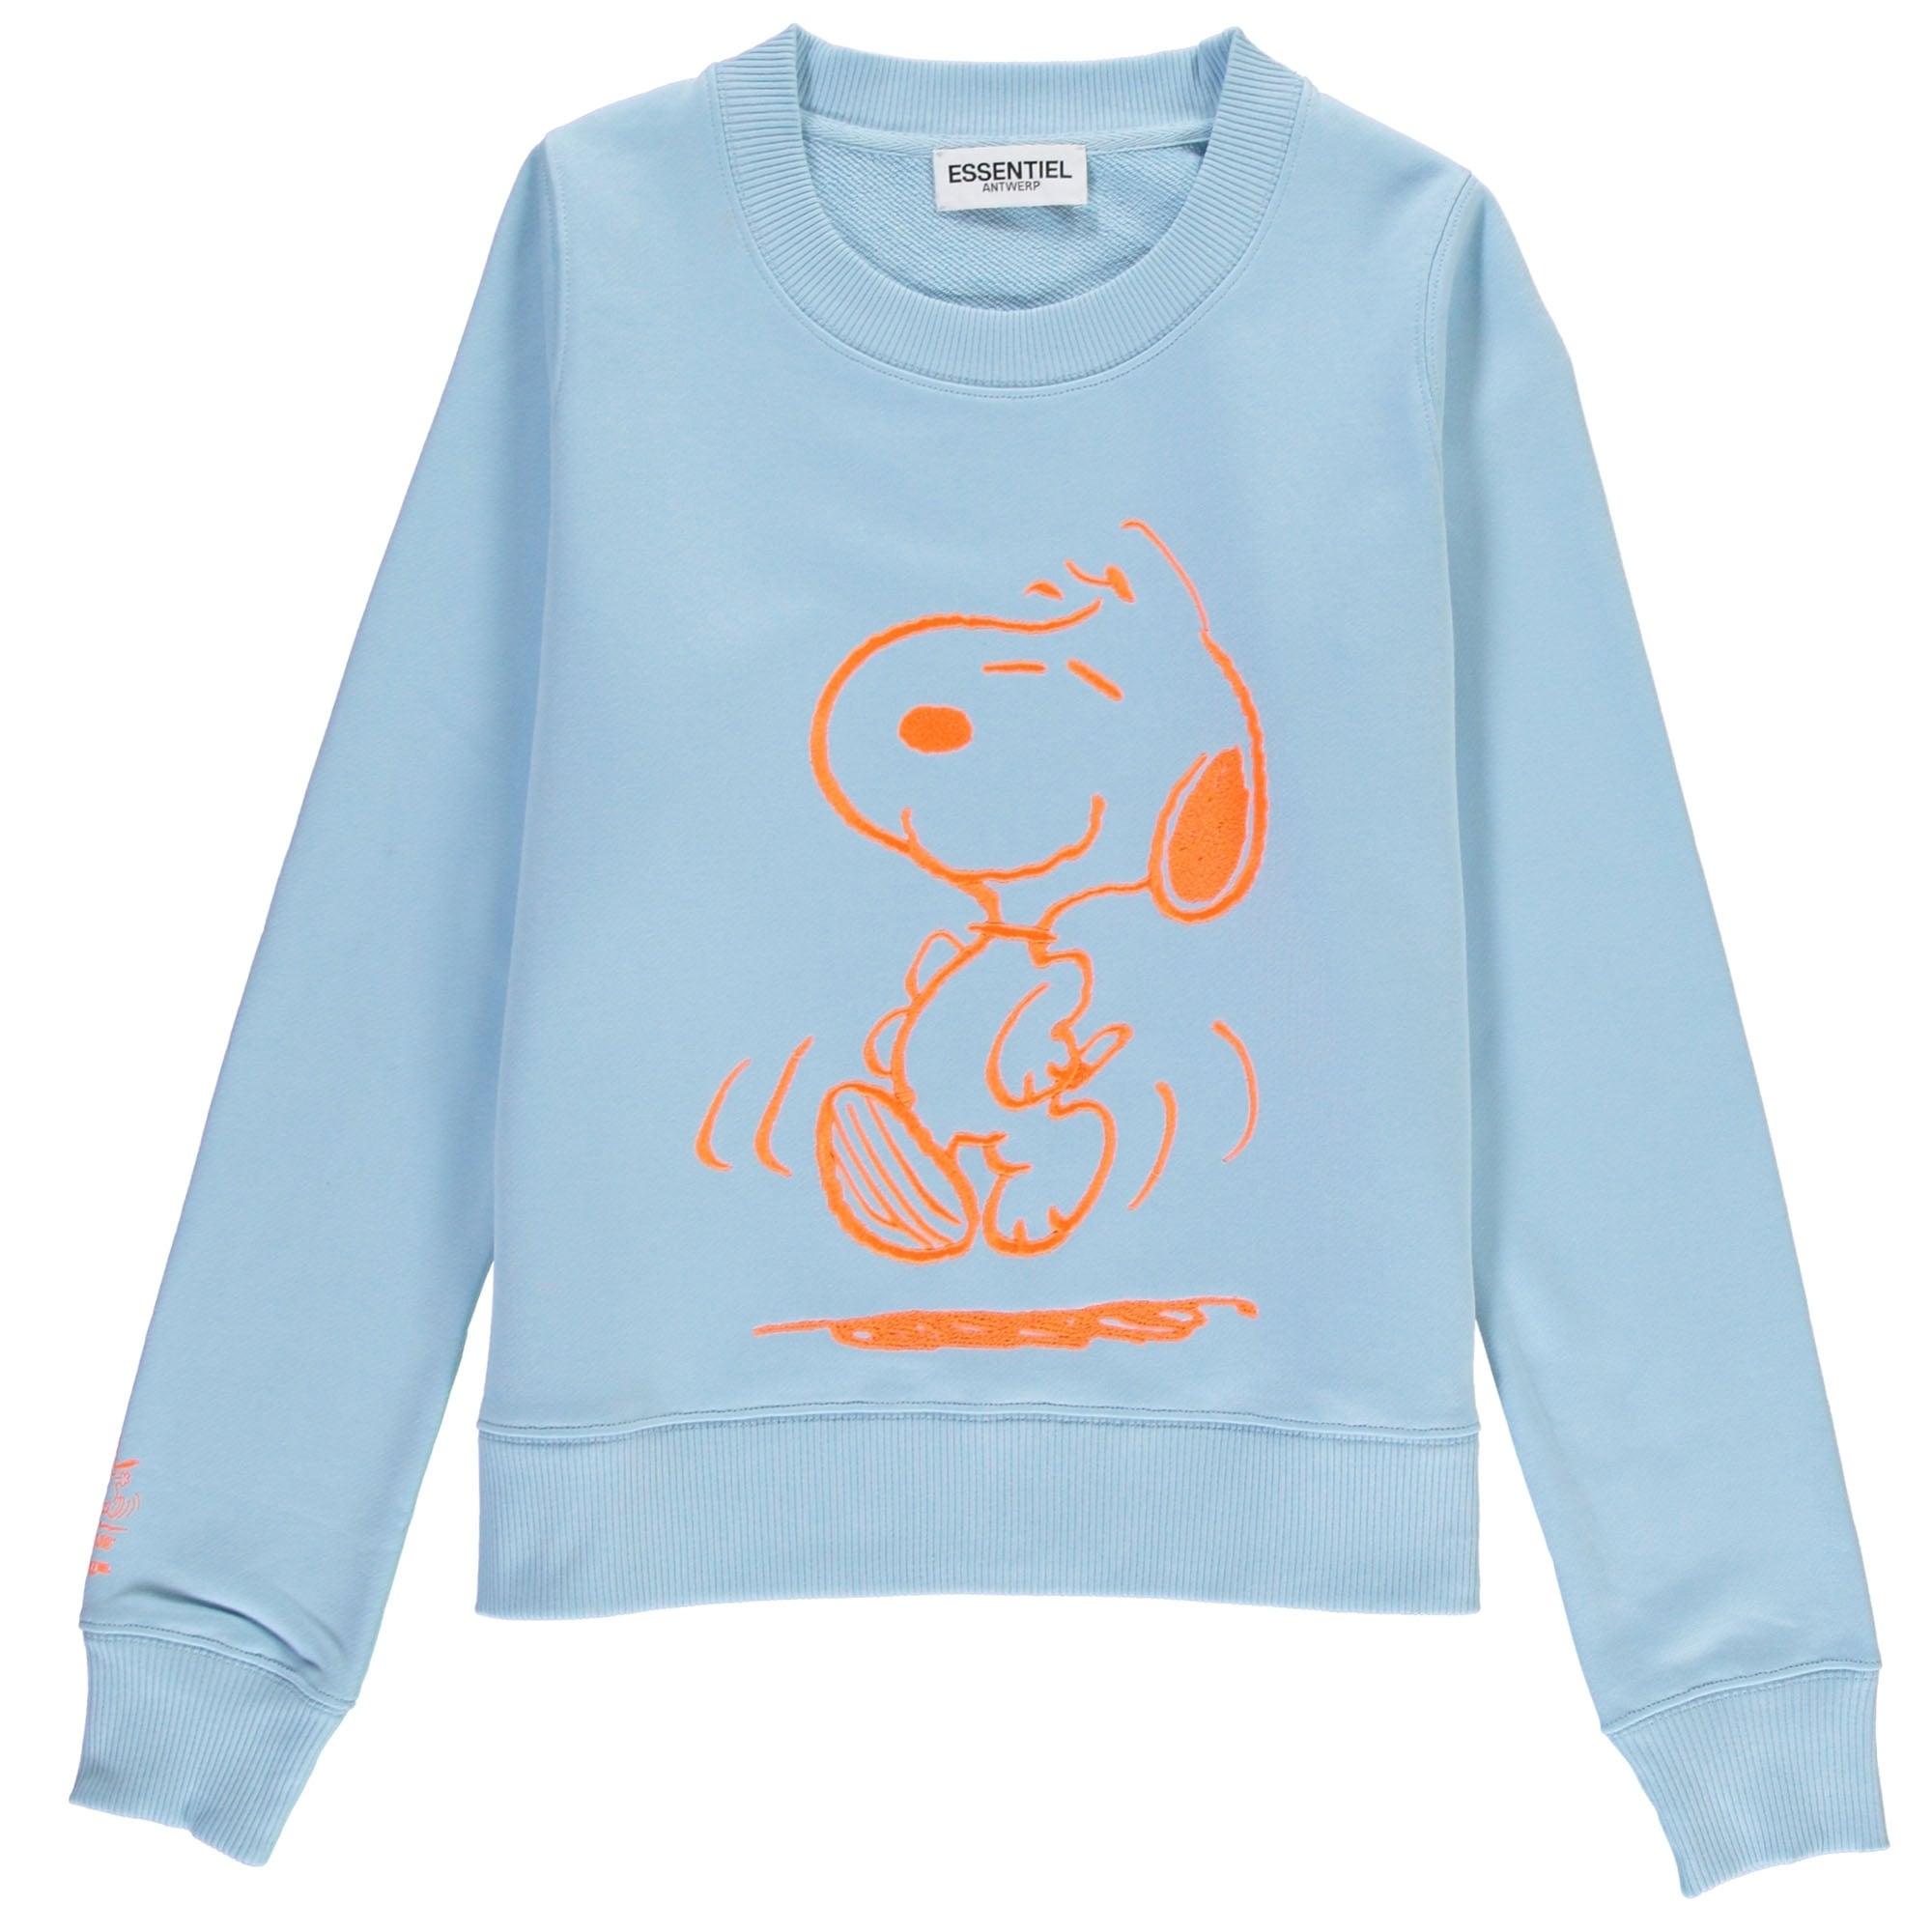 My Summertime Dance Snoopy Sweatshirt in Baby Blue | Collen & Clare